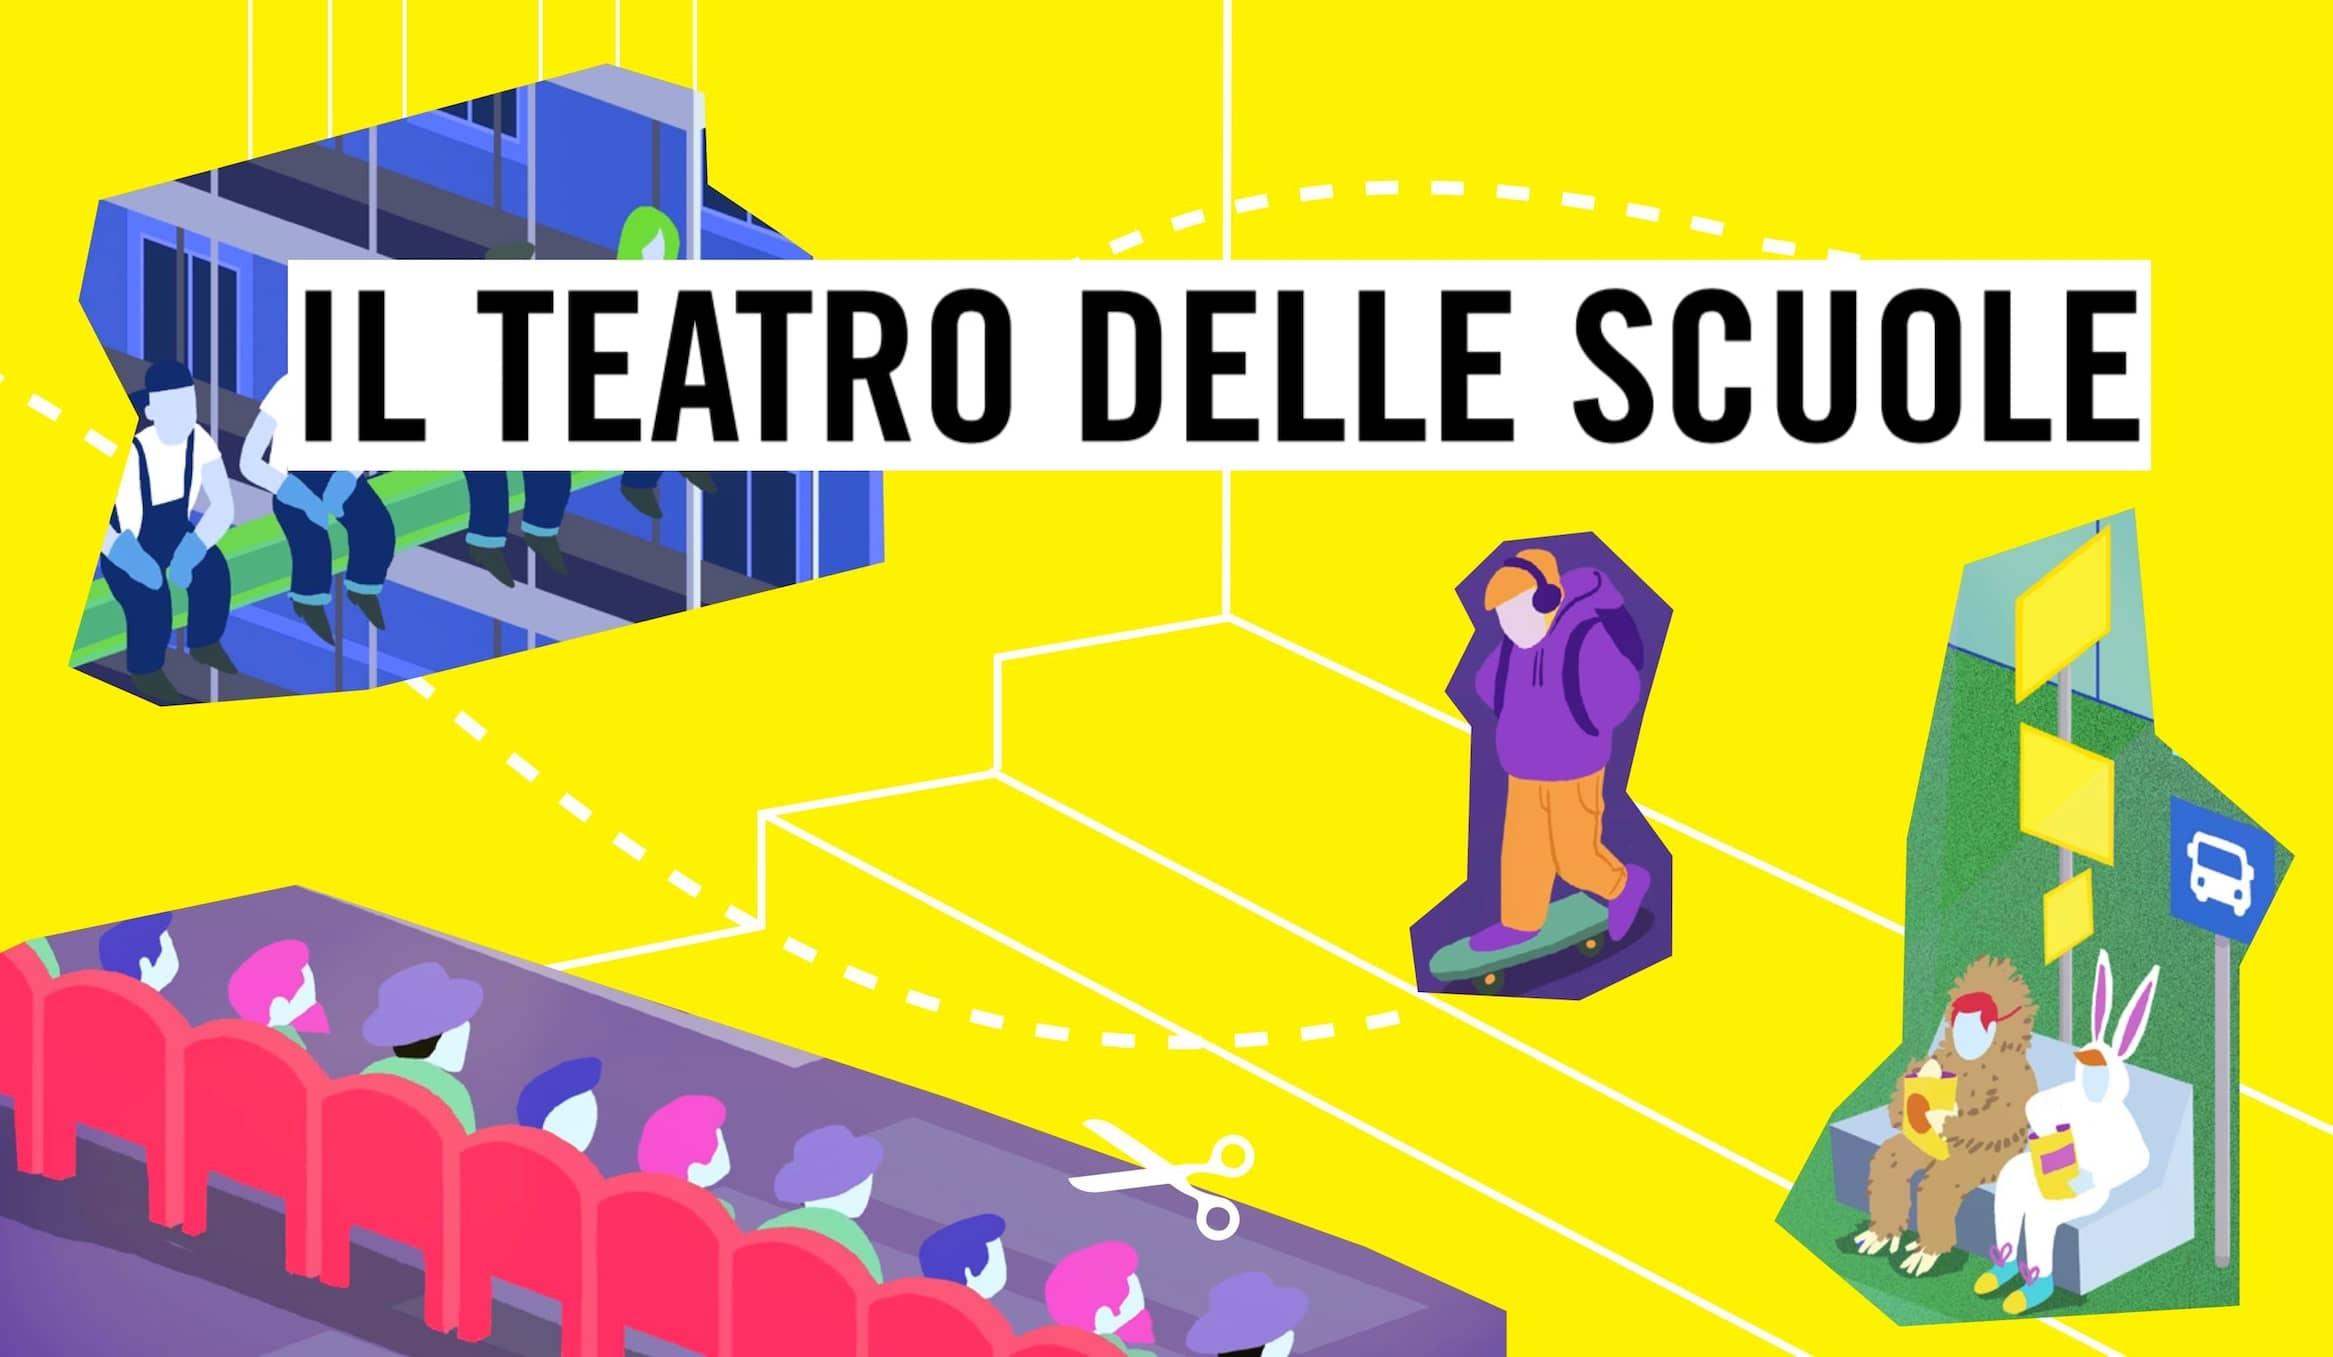 RassegnaIl teatro delle scuole - al via la 32° edizione